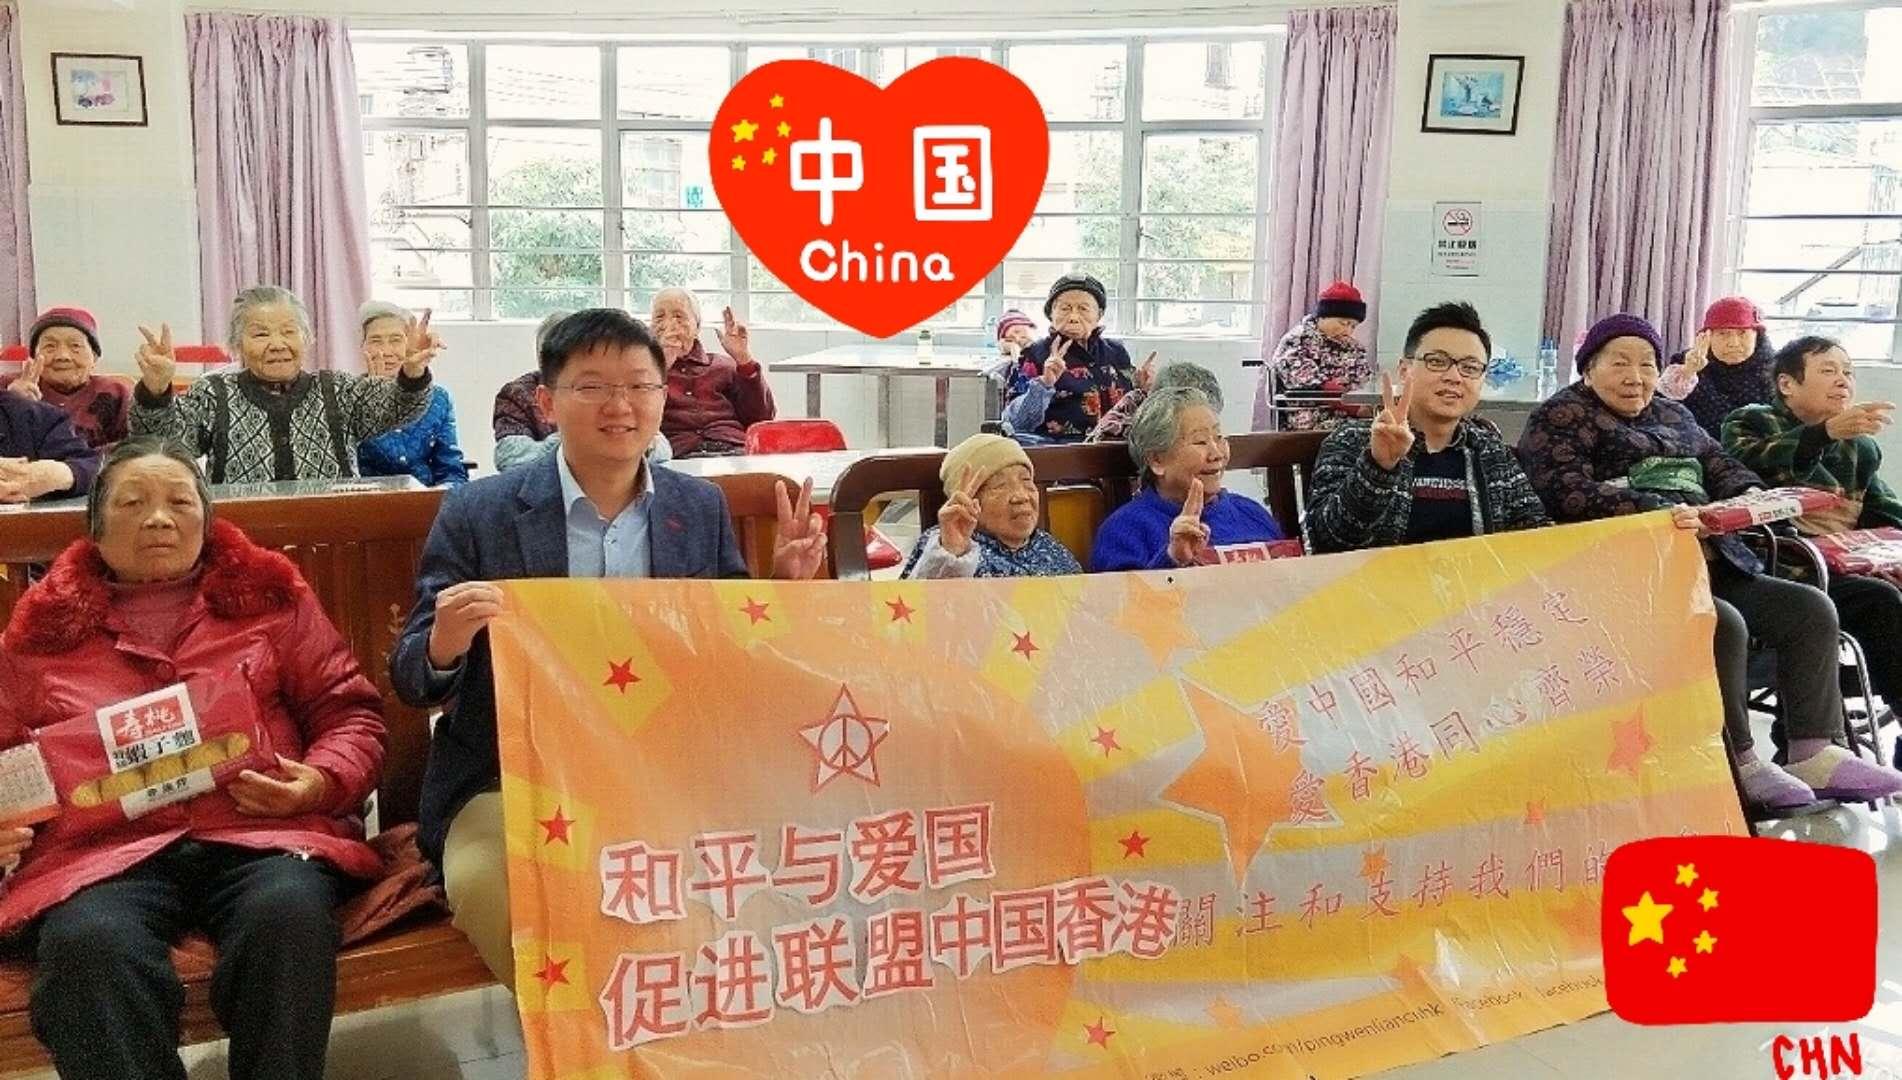 和平與愛國促進聯盟(中國香港)探訪活動 - 愛國又愛老人家 - 華發網繁體版